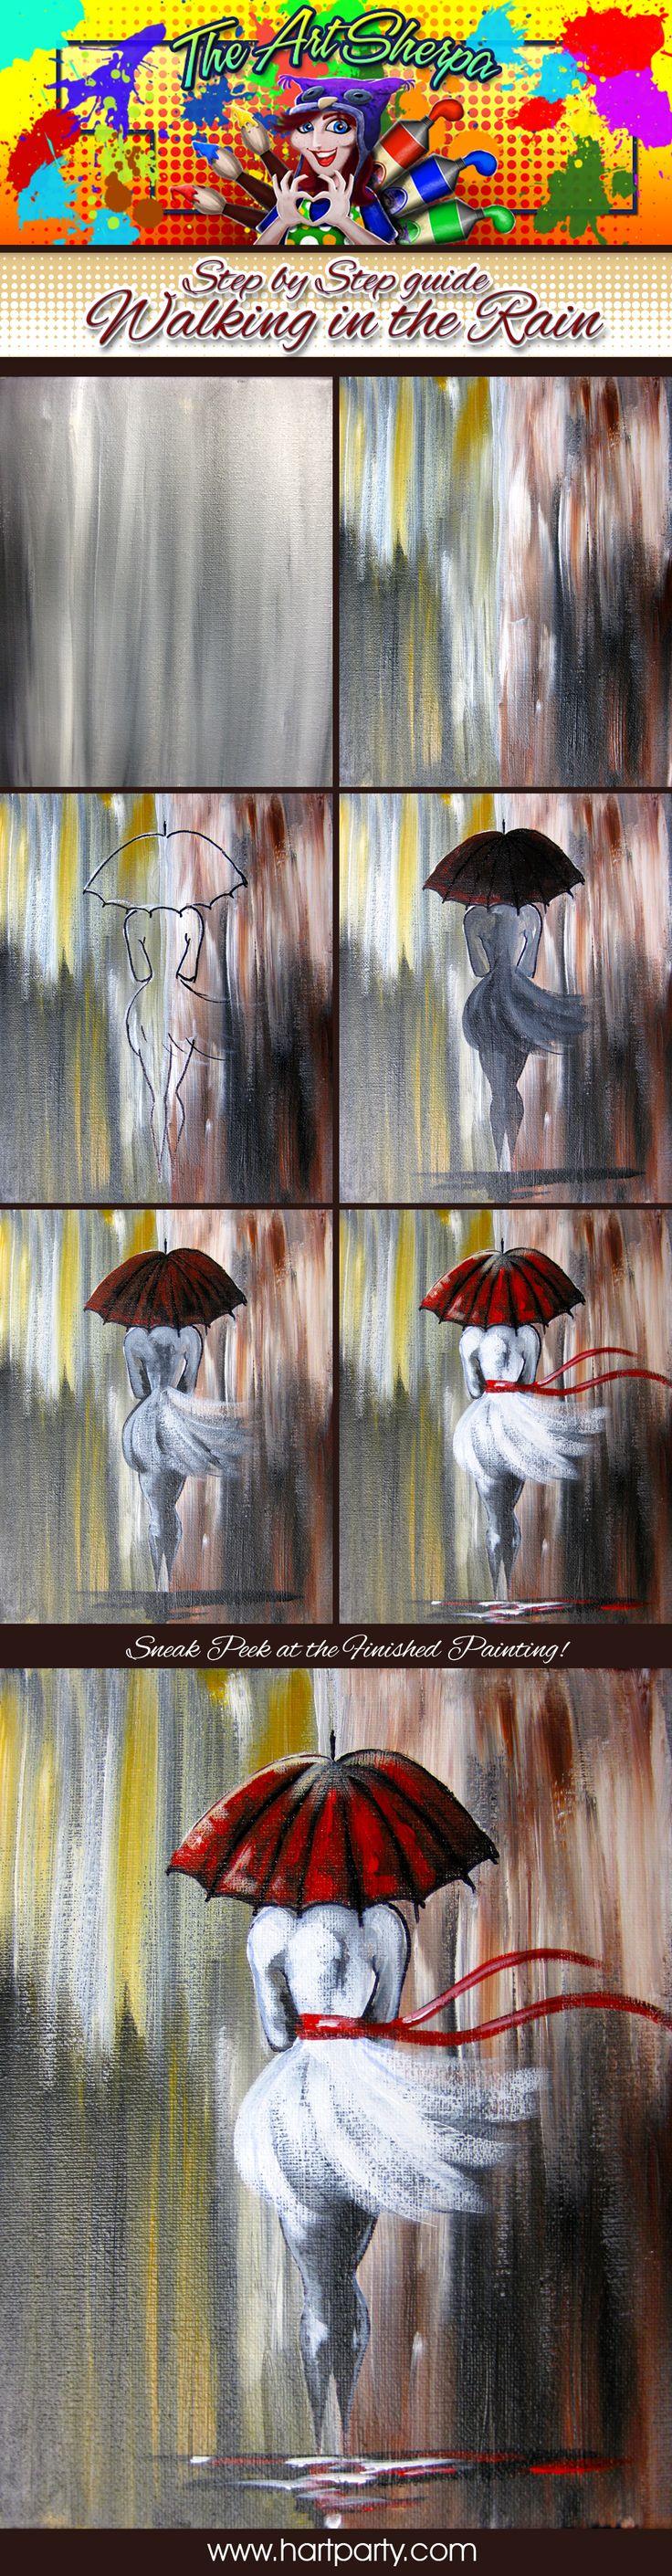 Cet oeuvre est fait à base des aquarelles aussi, ses couleurs principales sont…